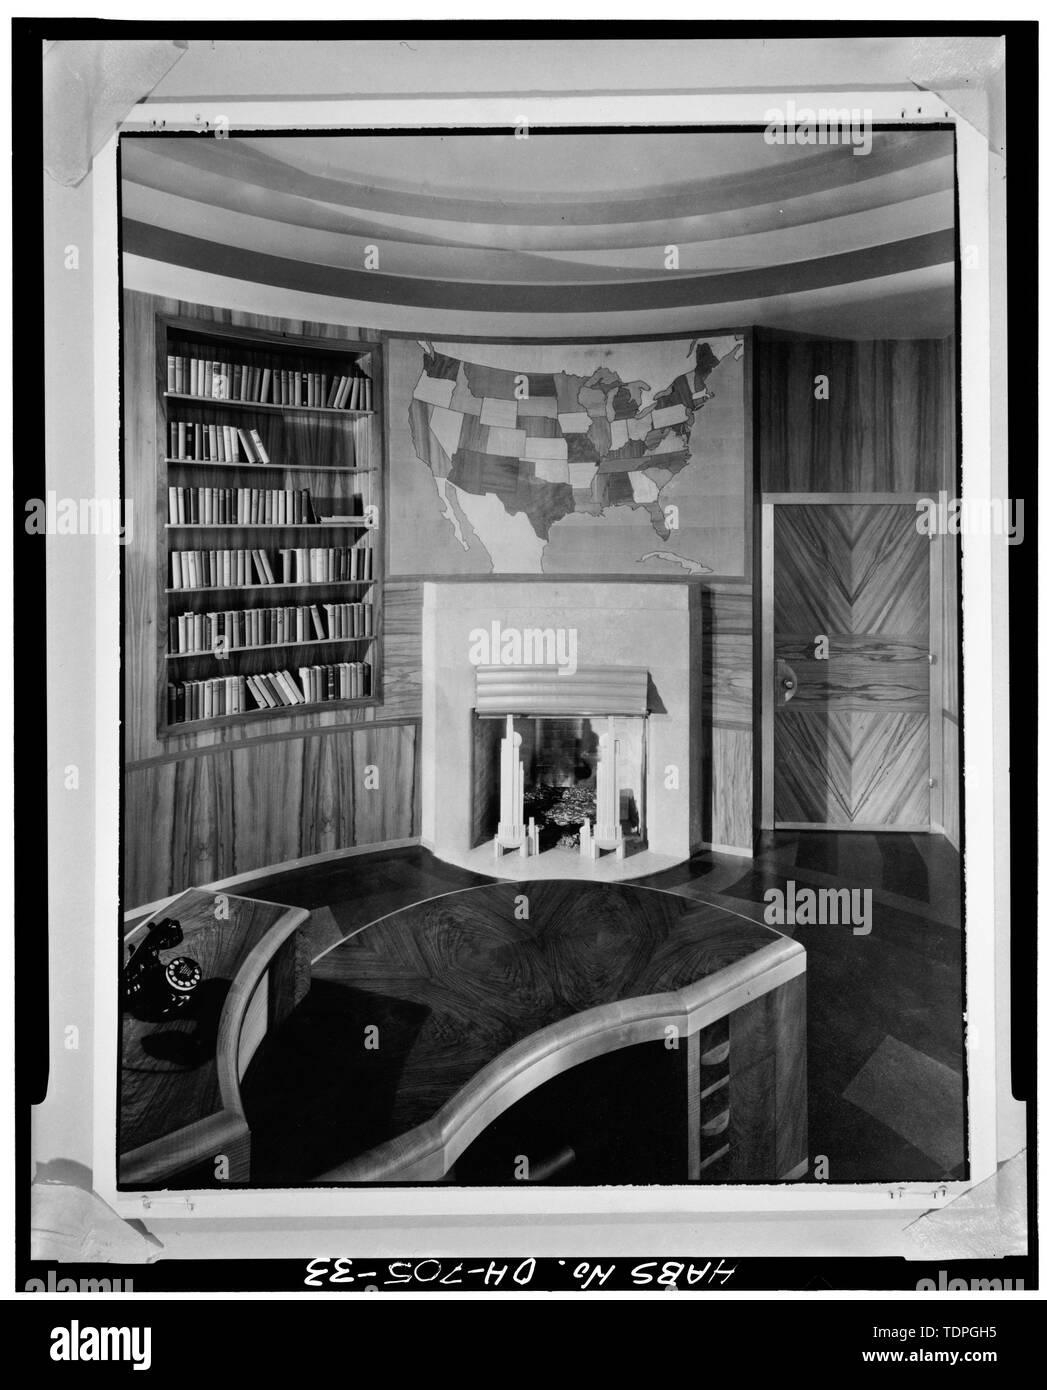 BOARD CHAIRMAN'S OFFICE, LOOKING NORTHEAST - Cincinnati Union Terminal, 1301 Western Avenue, Cincinnati, Hamilton County, OH - Stock Image